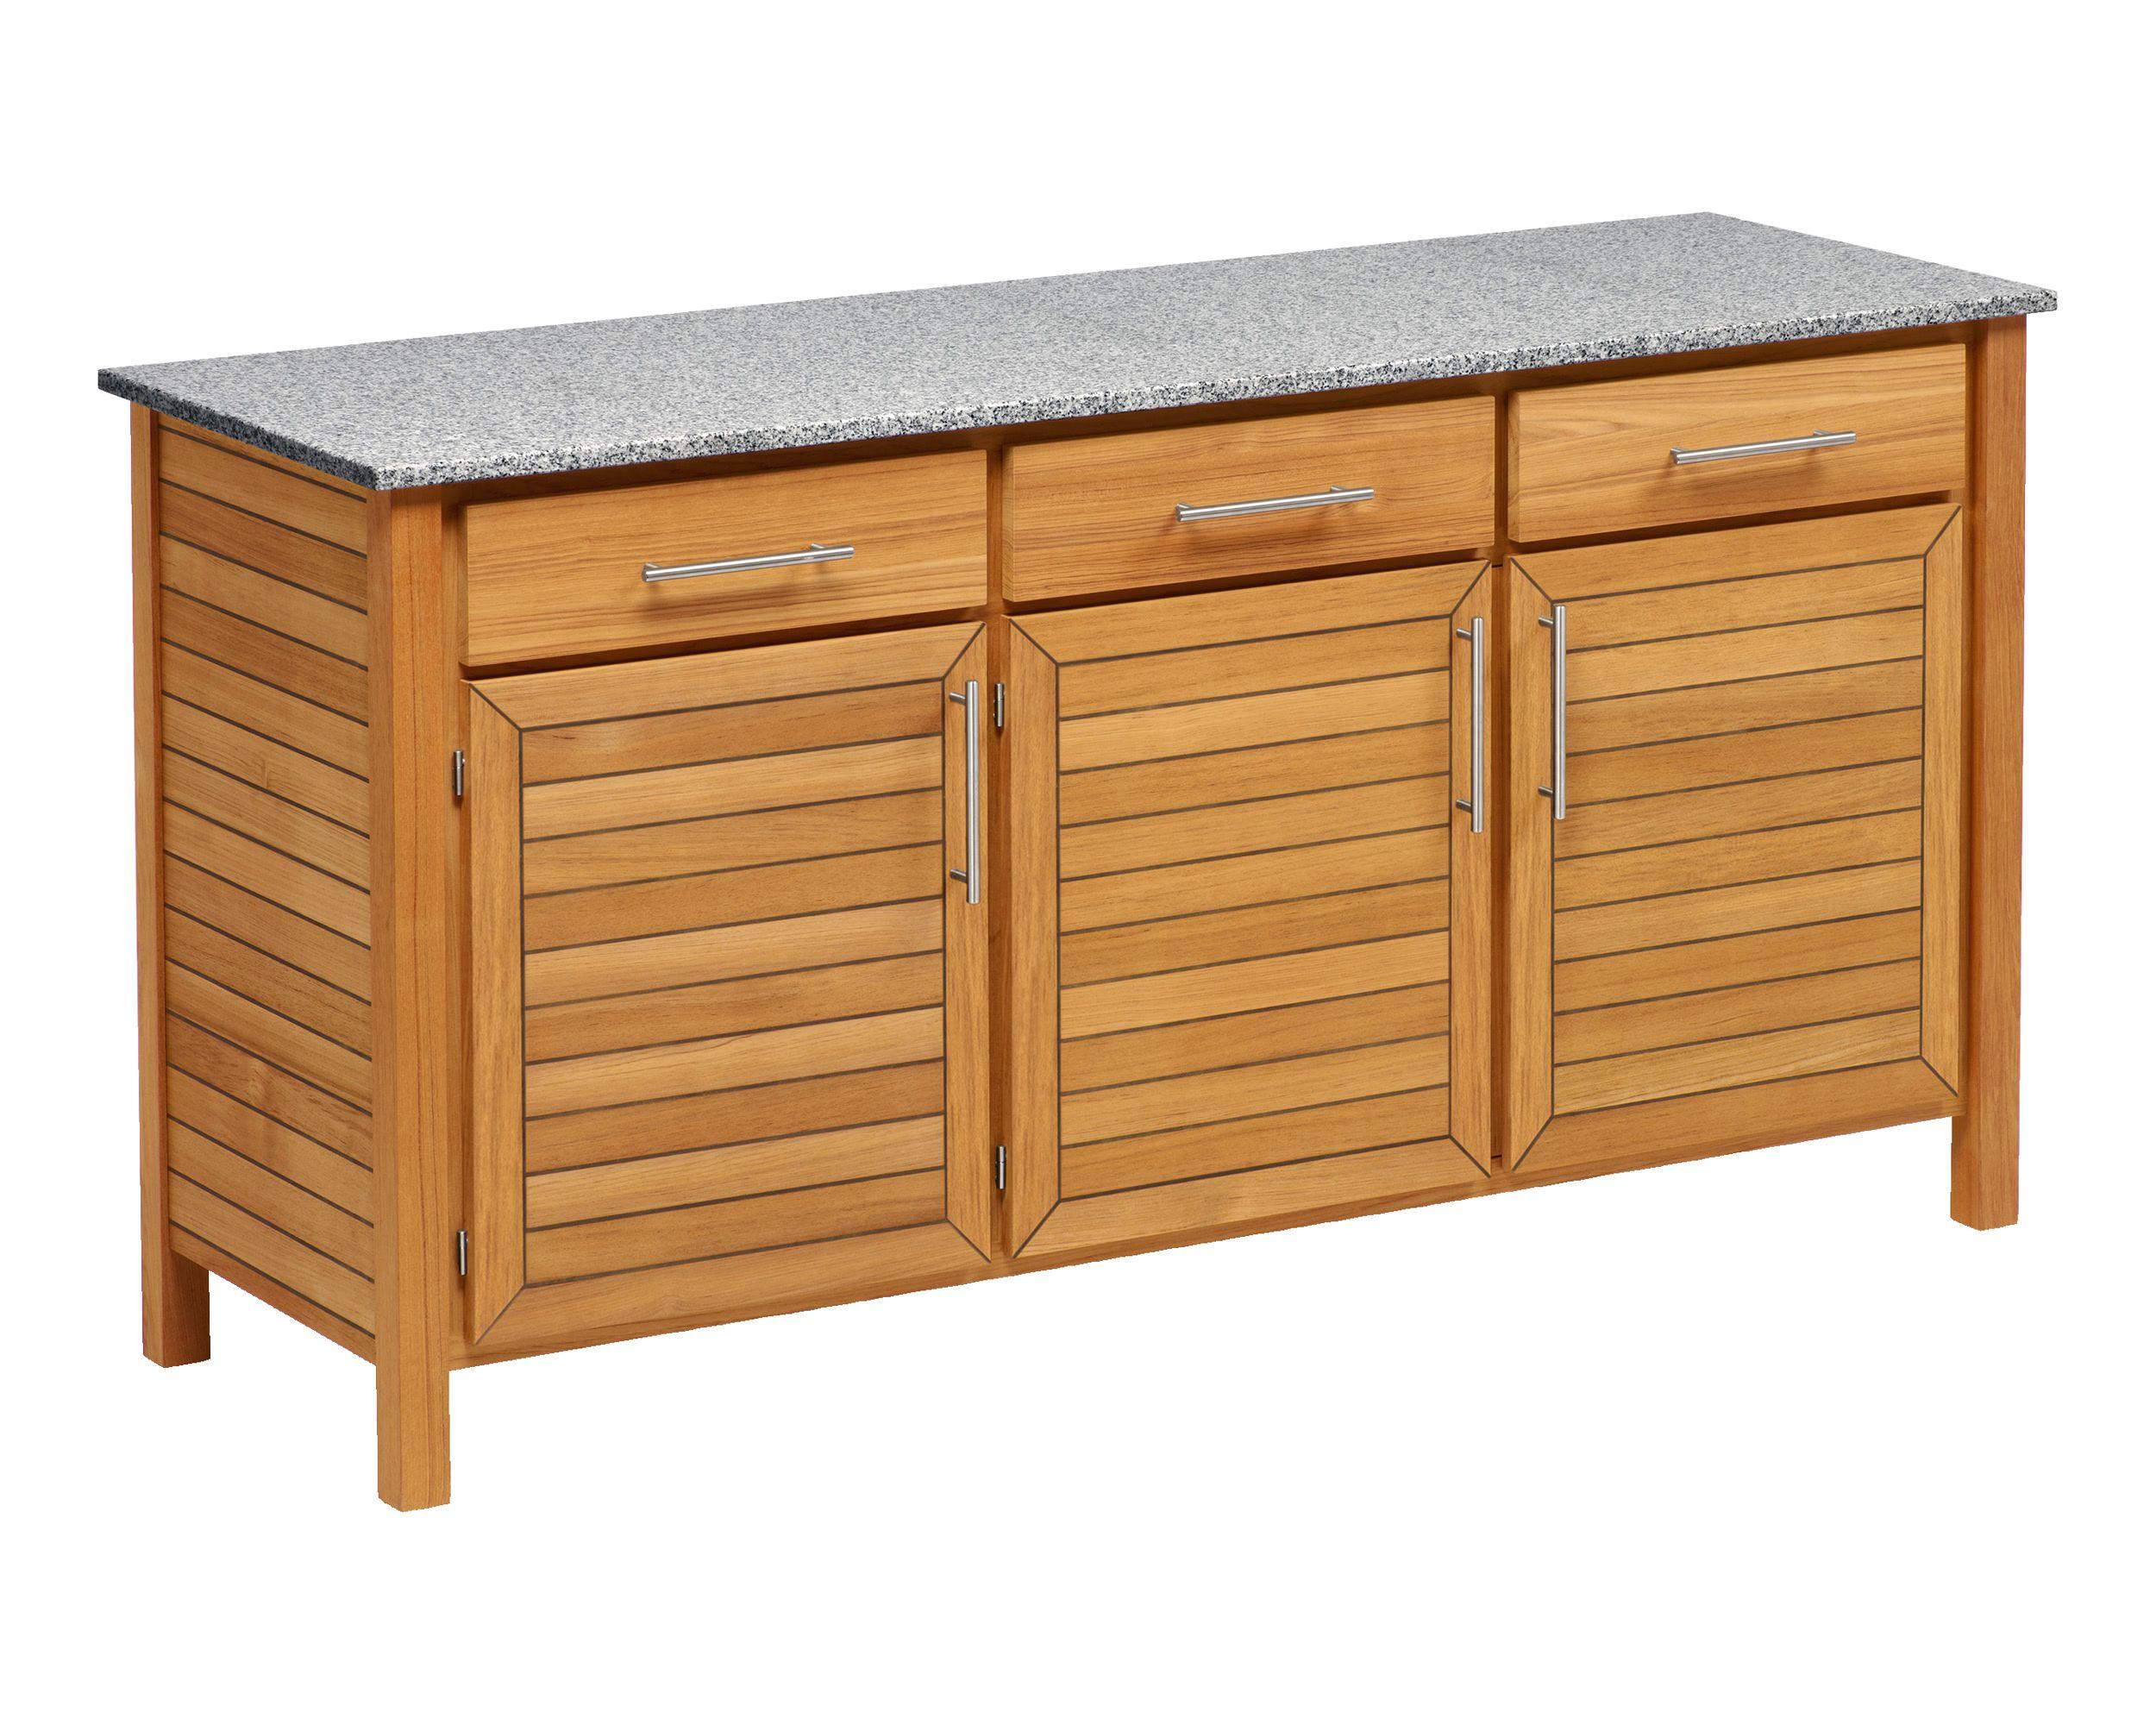 Sideboard Eden 174 Cm Behalter Boxen Truhen Aufbewahrung